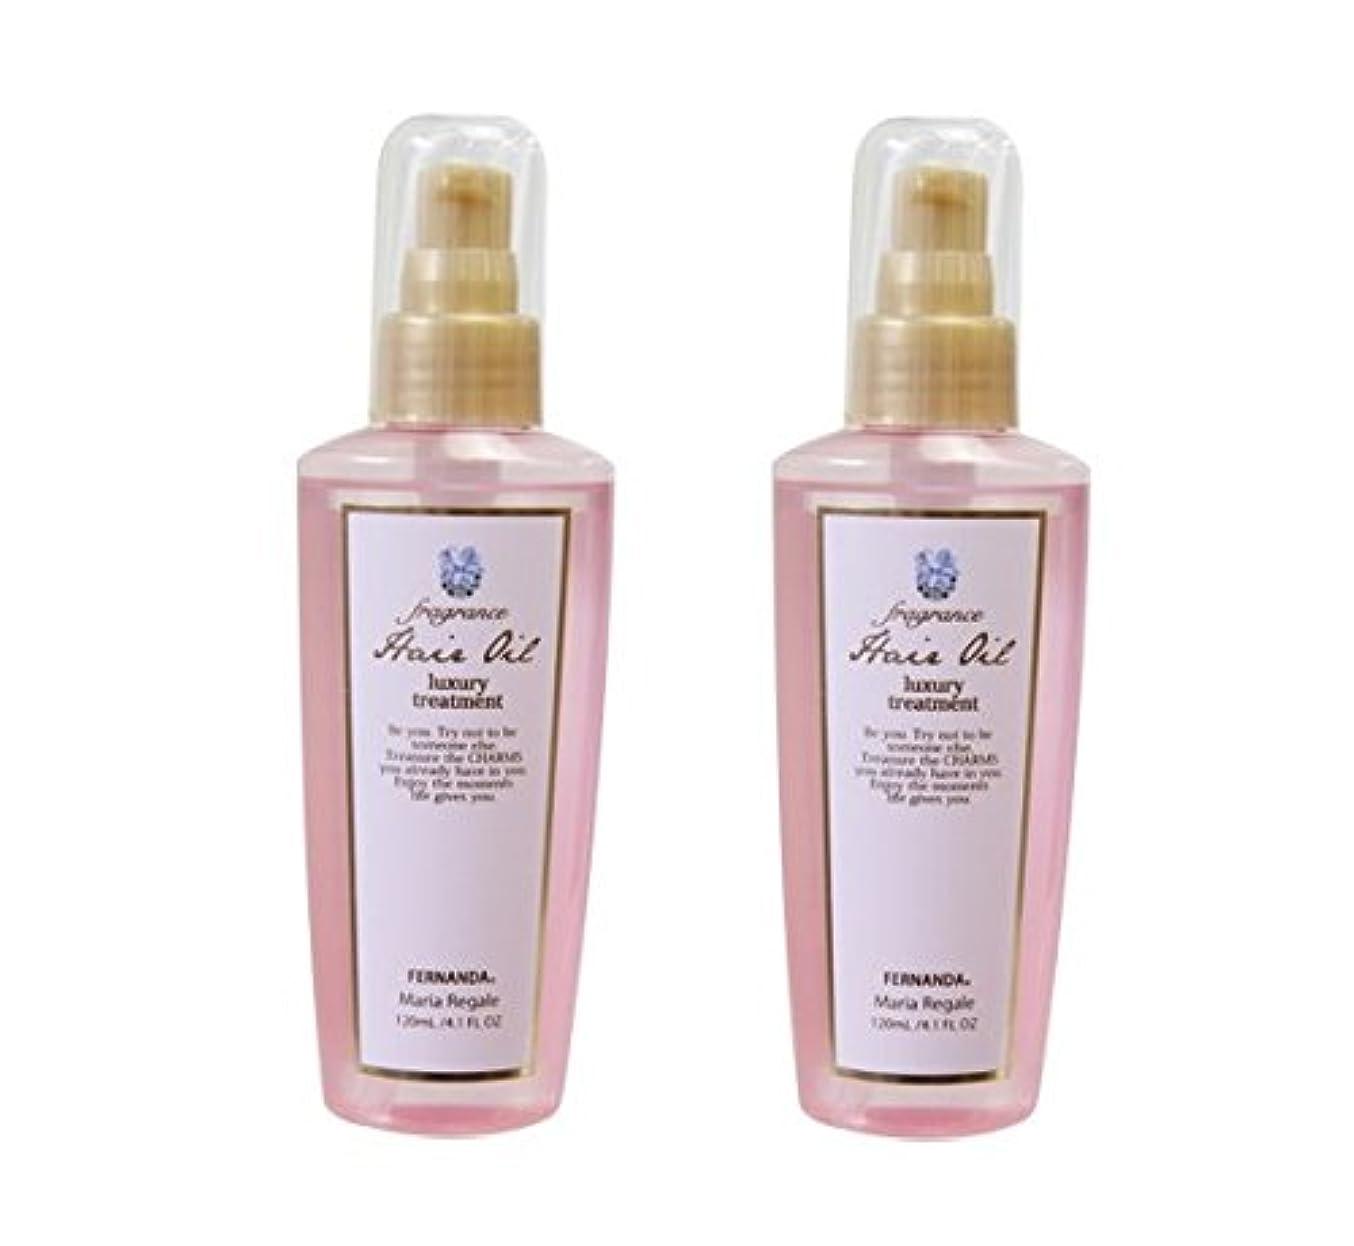 ジョセフバンクスピアース端末FERNANDA(フェルナンダ) Hair Oil Maria Regale (ヘアーオイル マリアリゲル)×2個セット